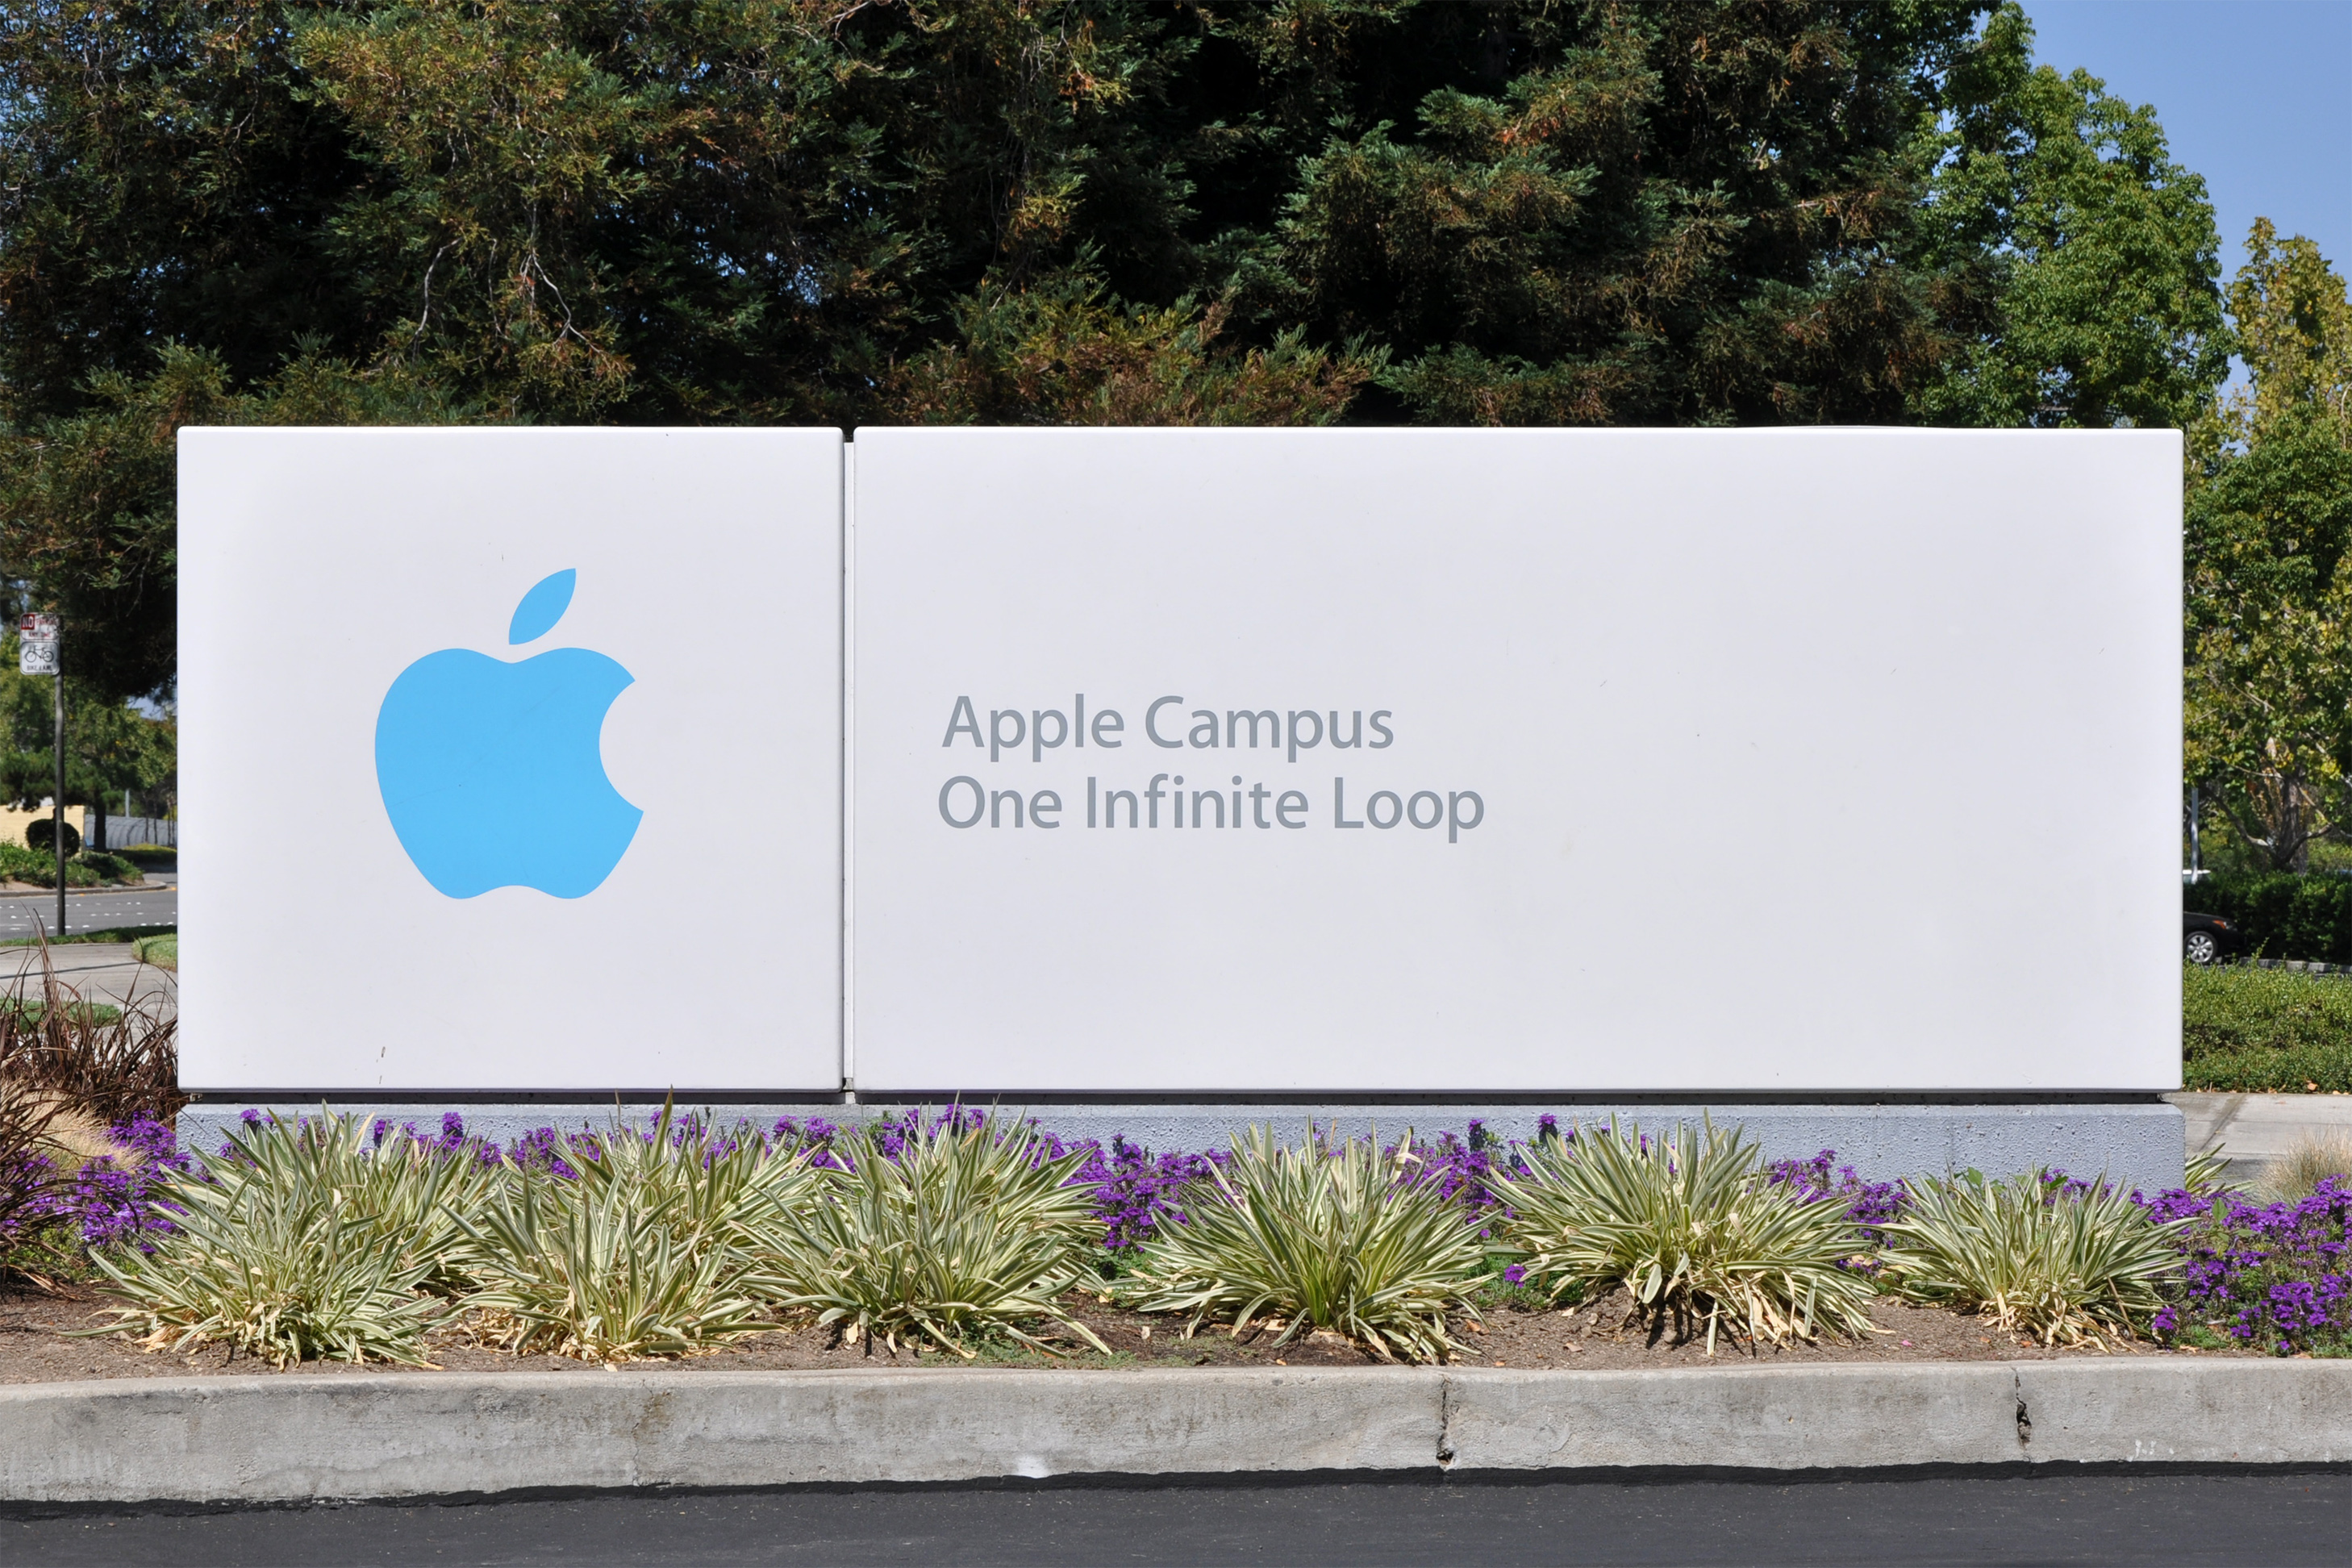 Apple_Campus_One_Infinite_Loop_Sign.jpg